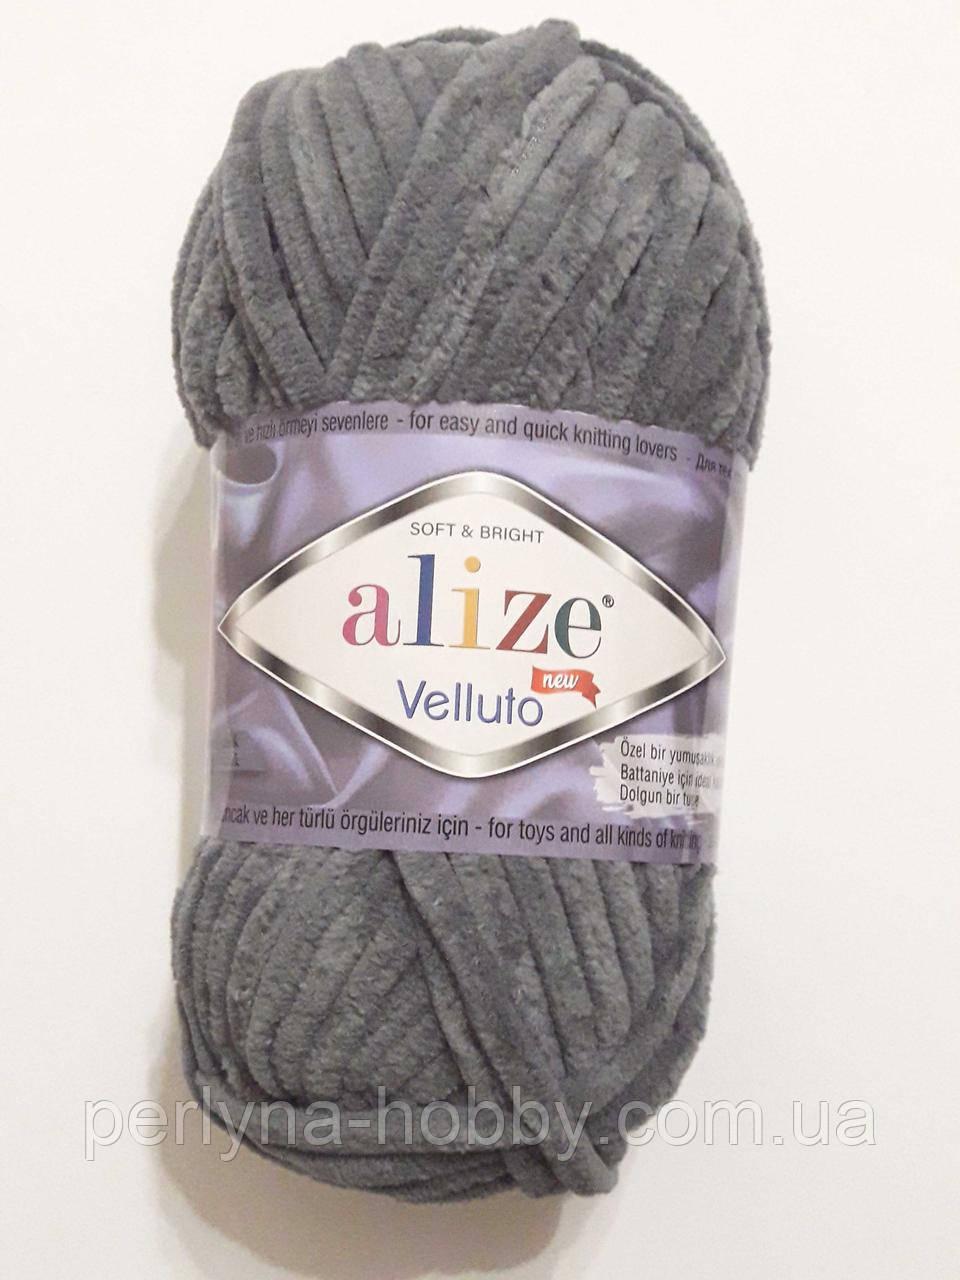 Велюровая плюшевая пряжа Ализе Велуто Alize Velluto 68 м, 100 грамм, 100% микрополиэстер, серо-голубая